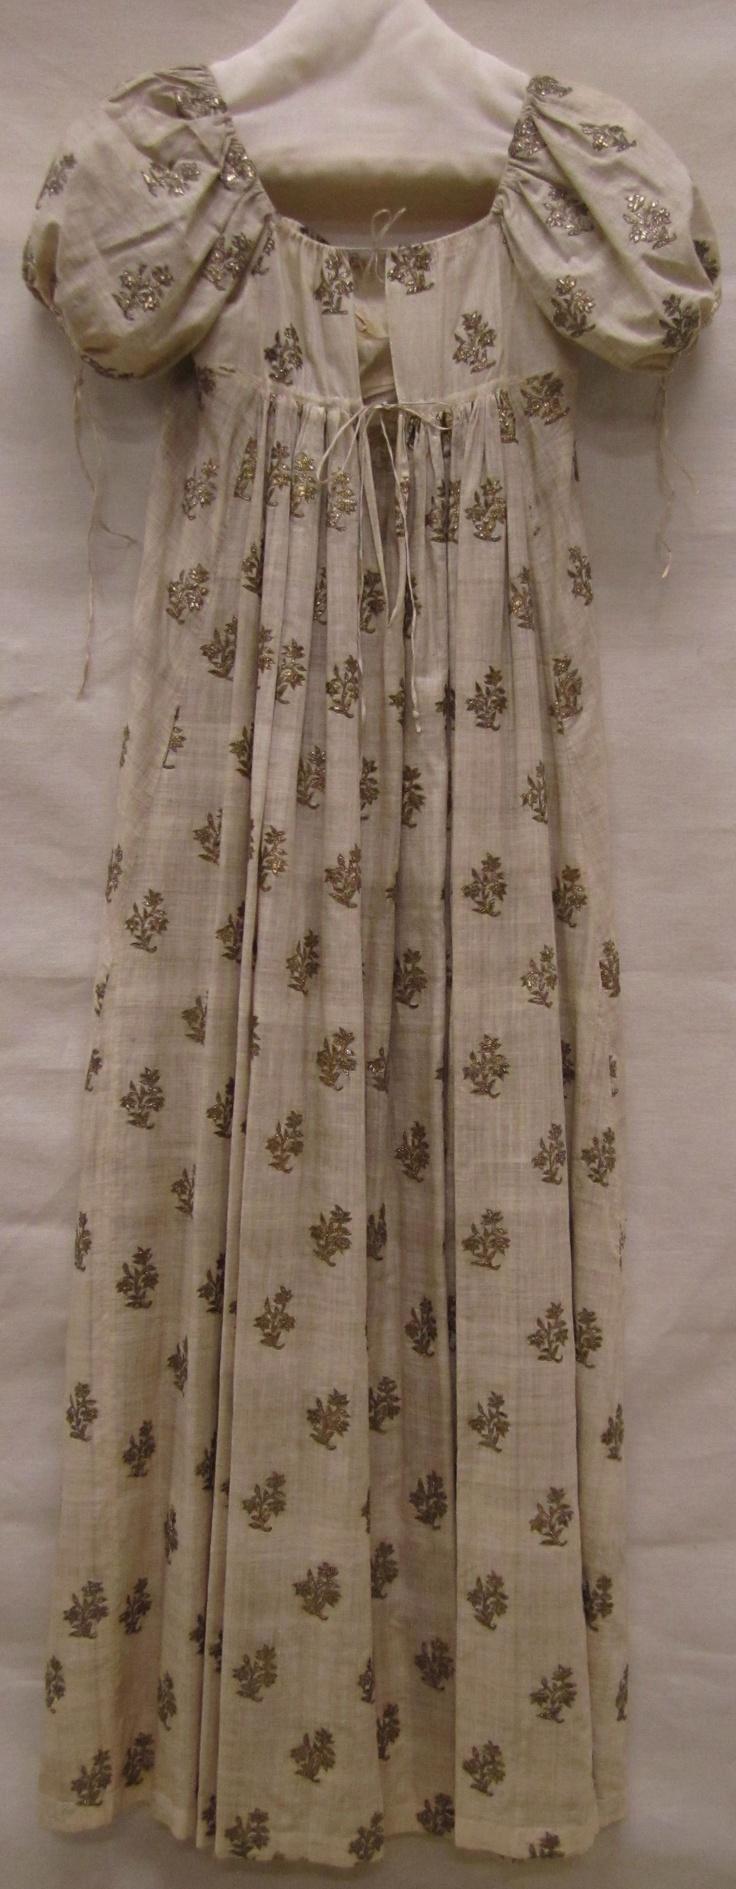 Beautiful gold sprig embroidery. Evening gown (Avondjapon) ca. 1810, needlework with gold thread (neteldoek met gouddraadborduursel), Gemeentemuseum Den Haag.